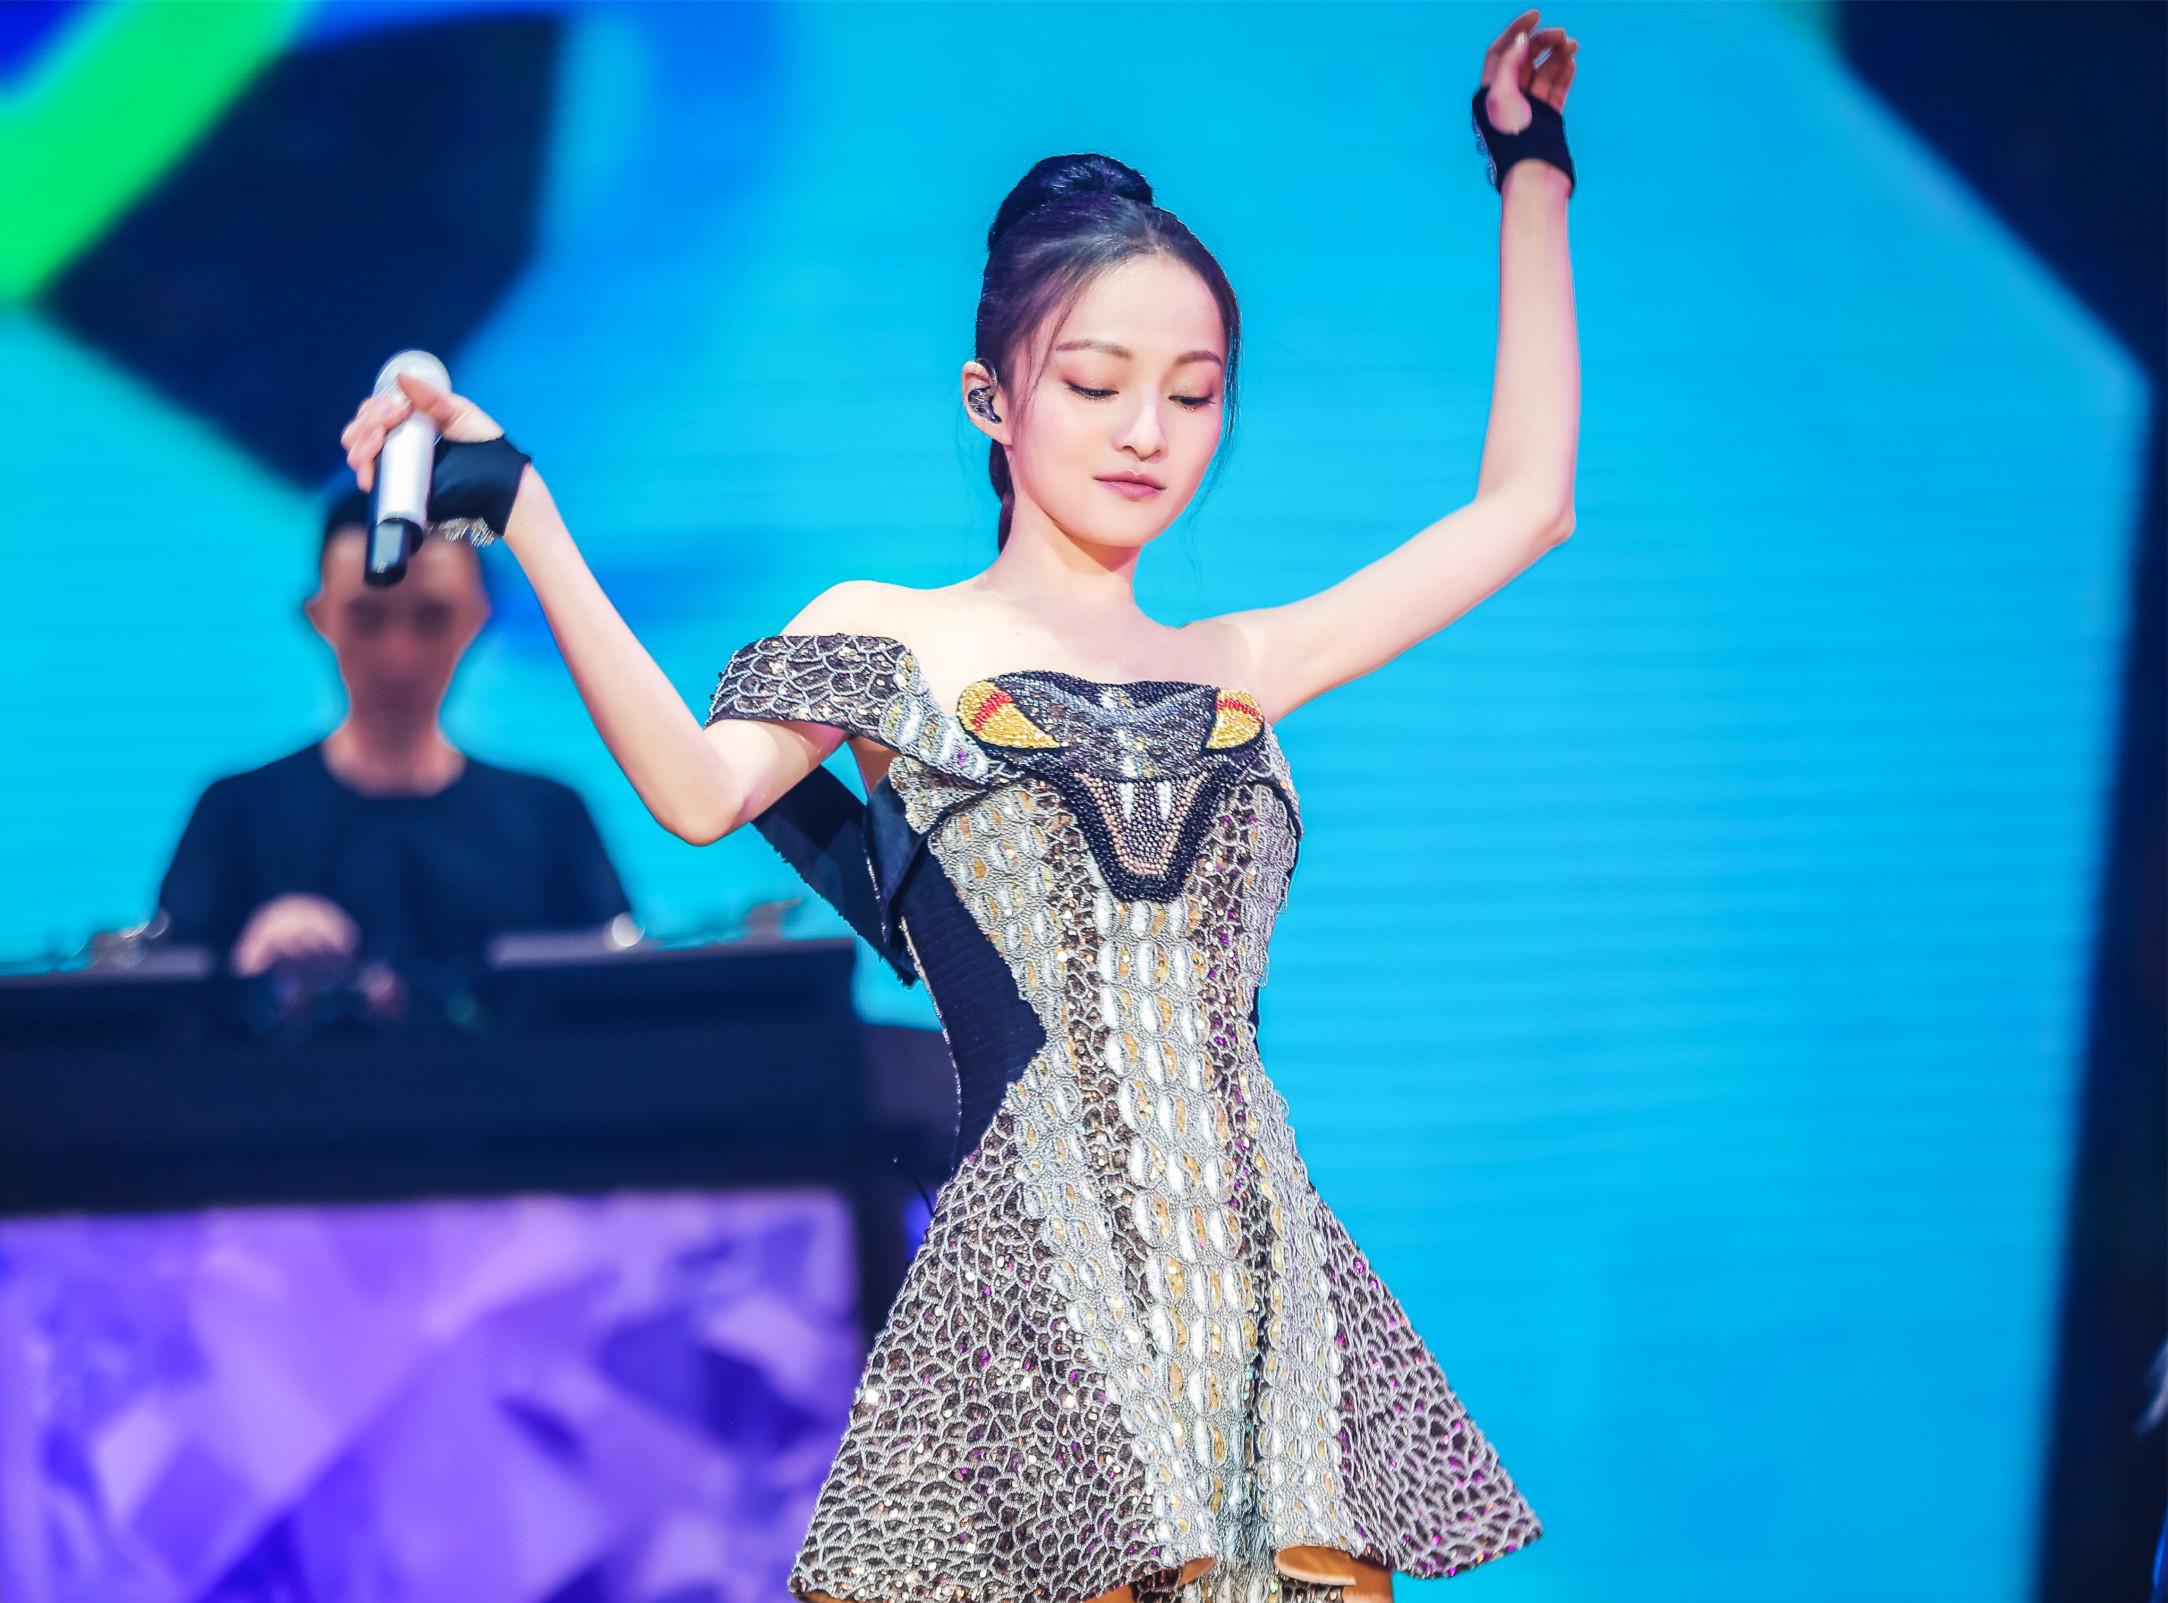 《歌手》加持张韶涵人气暴涨深圳演唱会再掀抢票热潮